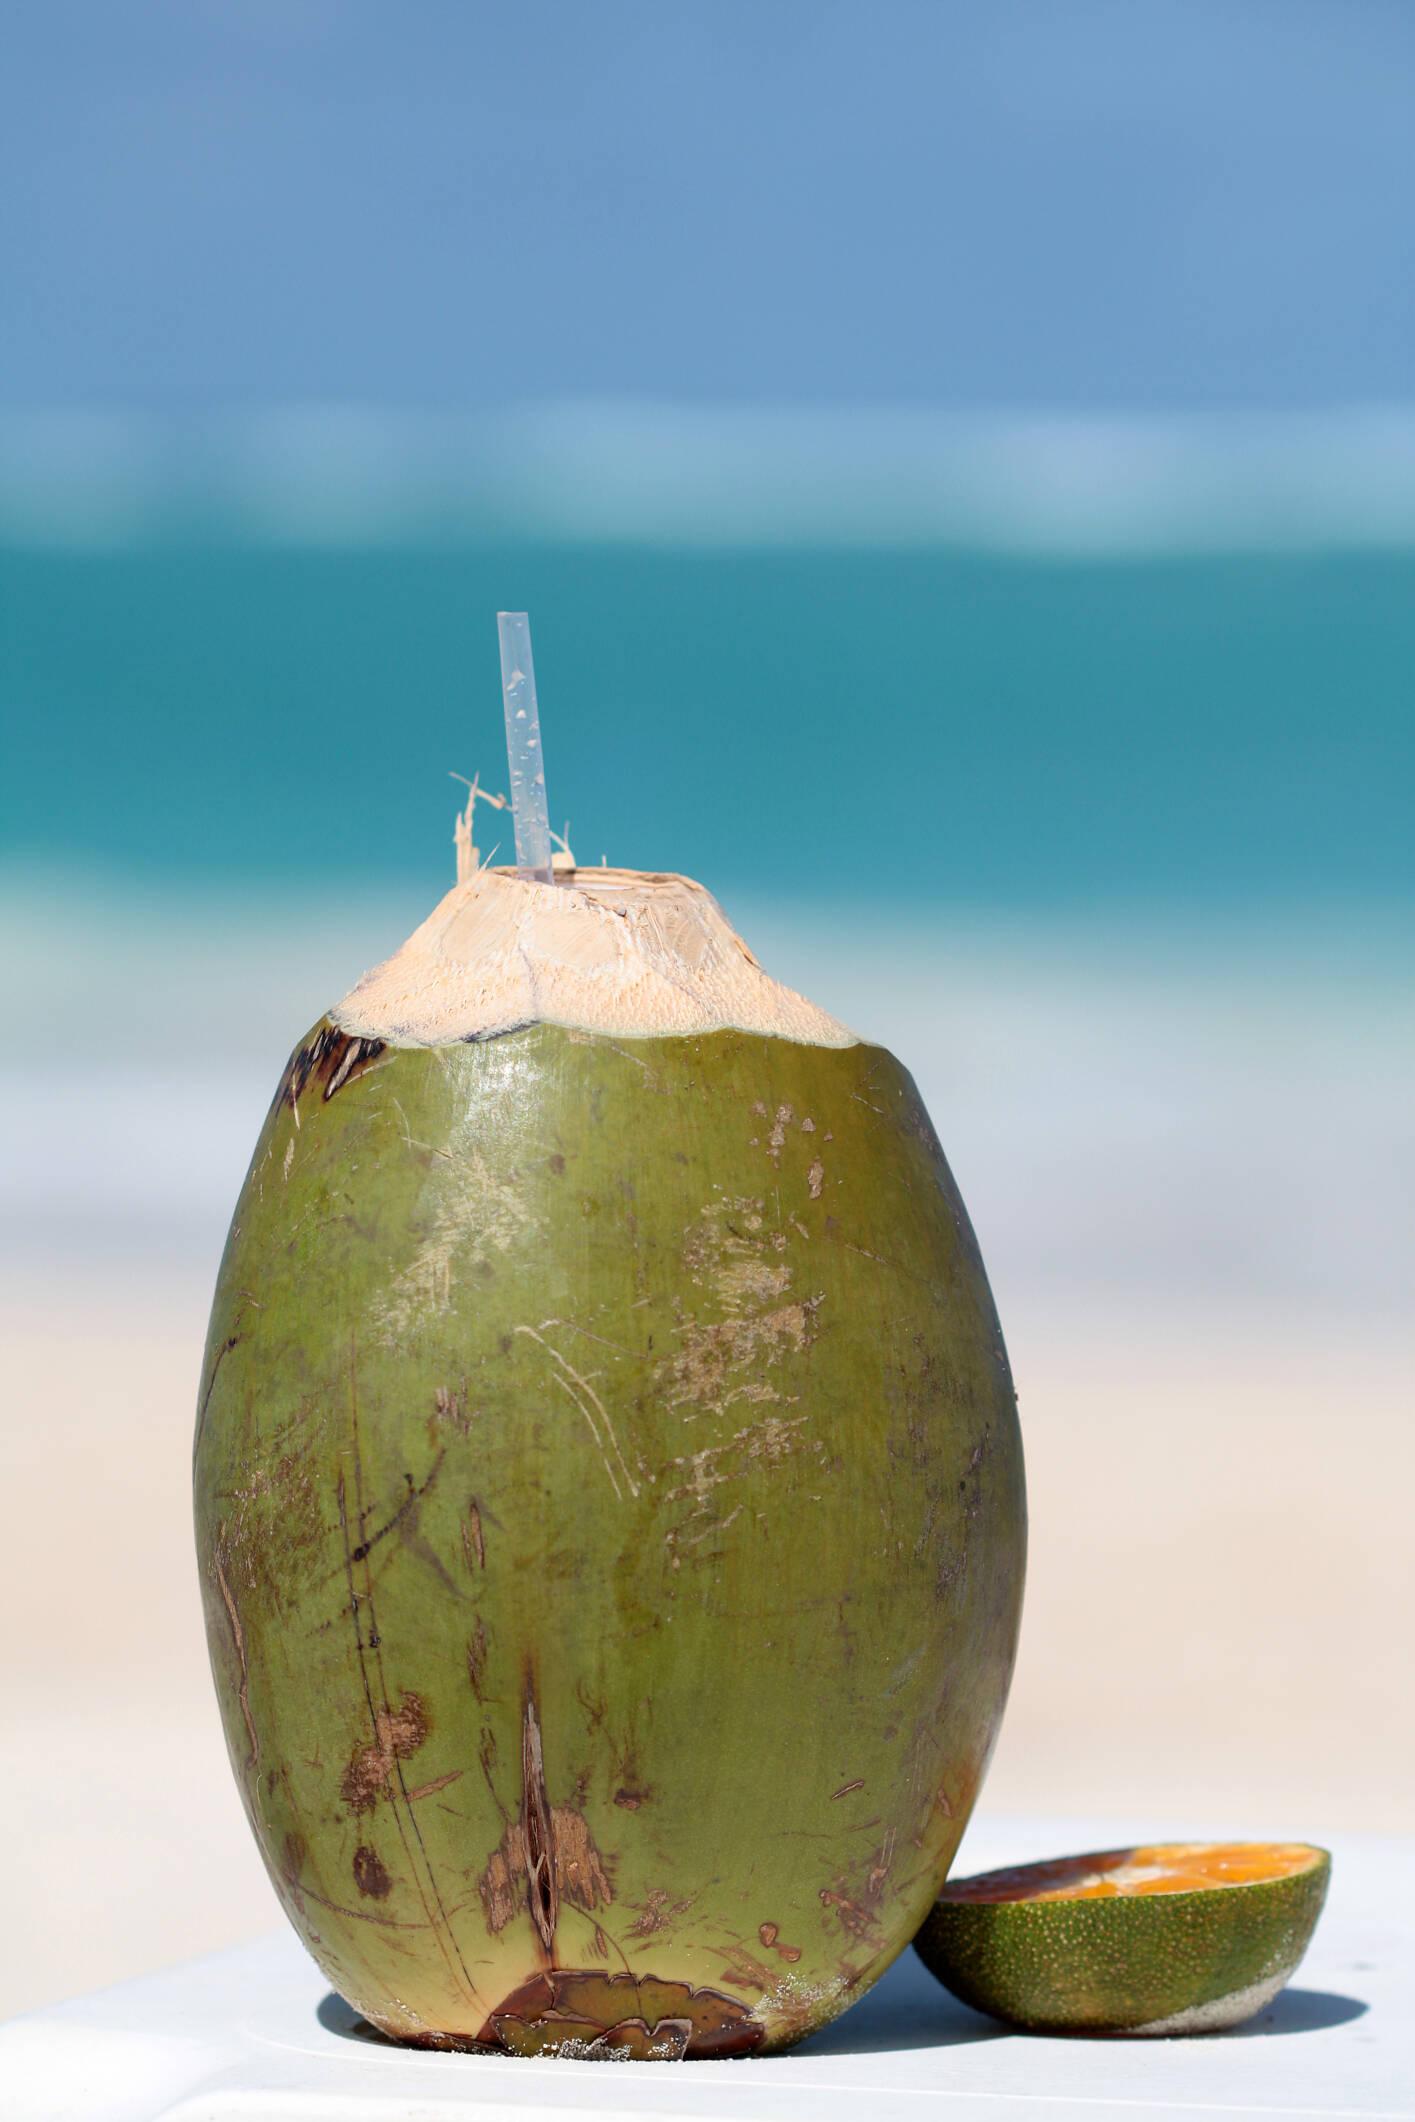 Água de coco: o álcool tem ação diurética e faz com que a pessoa perca muito potássio e sódio. Além de hidratar, água de coco repõe estes minerais. Foto: Getty Images